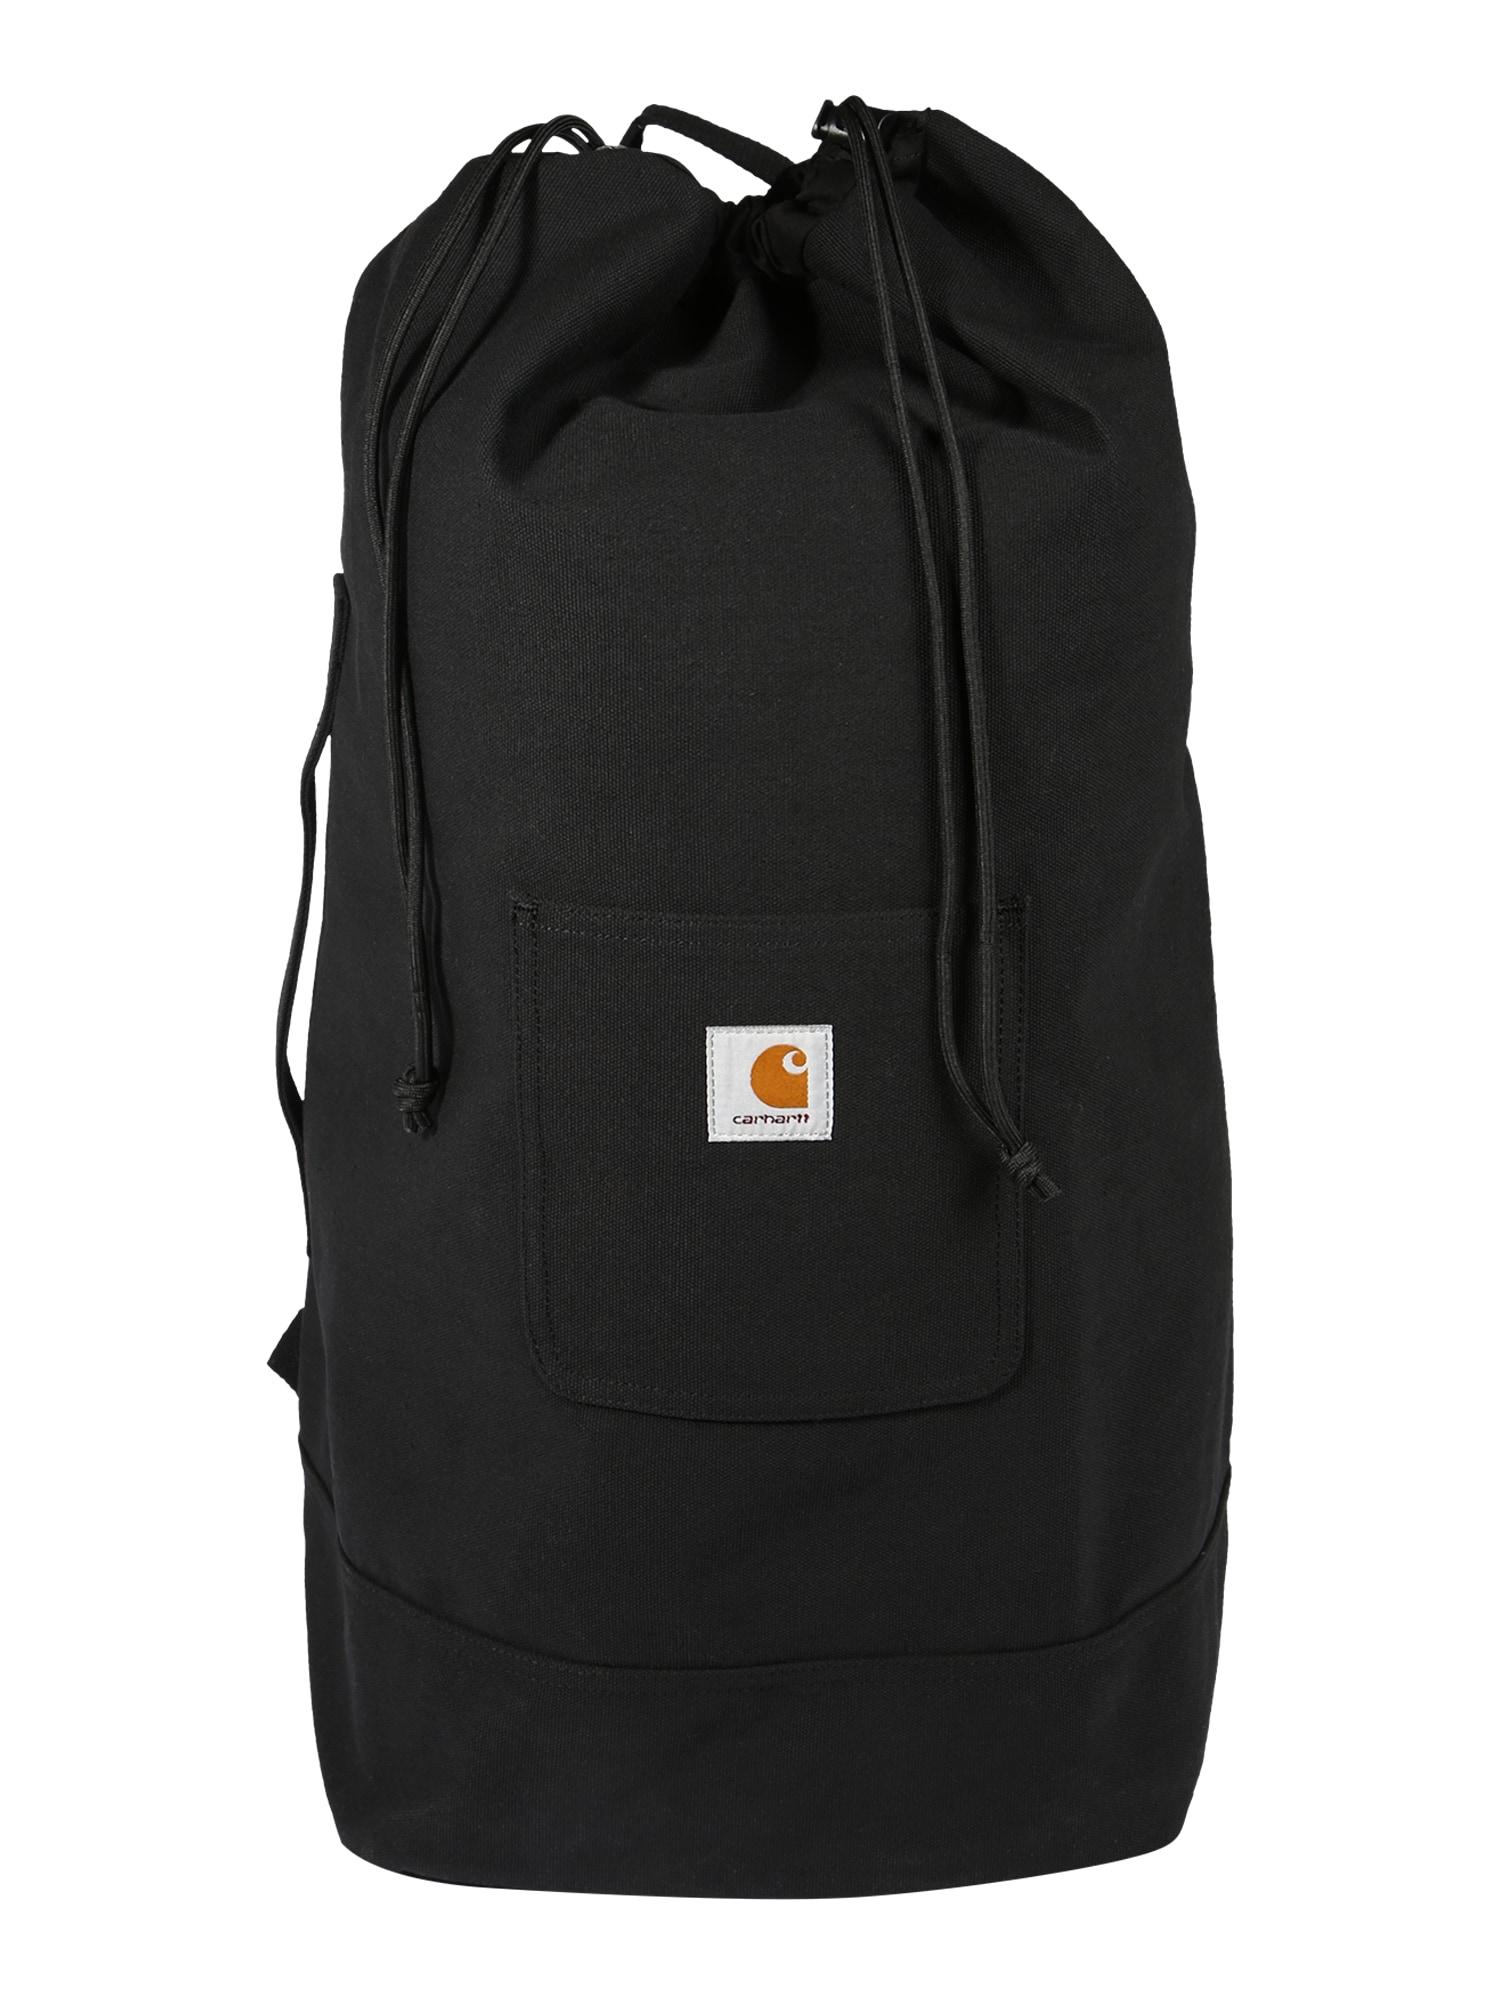 Carhartt WIP Kelioninis krepšys juoda